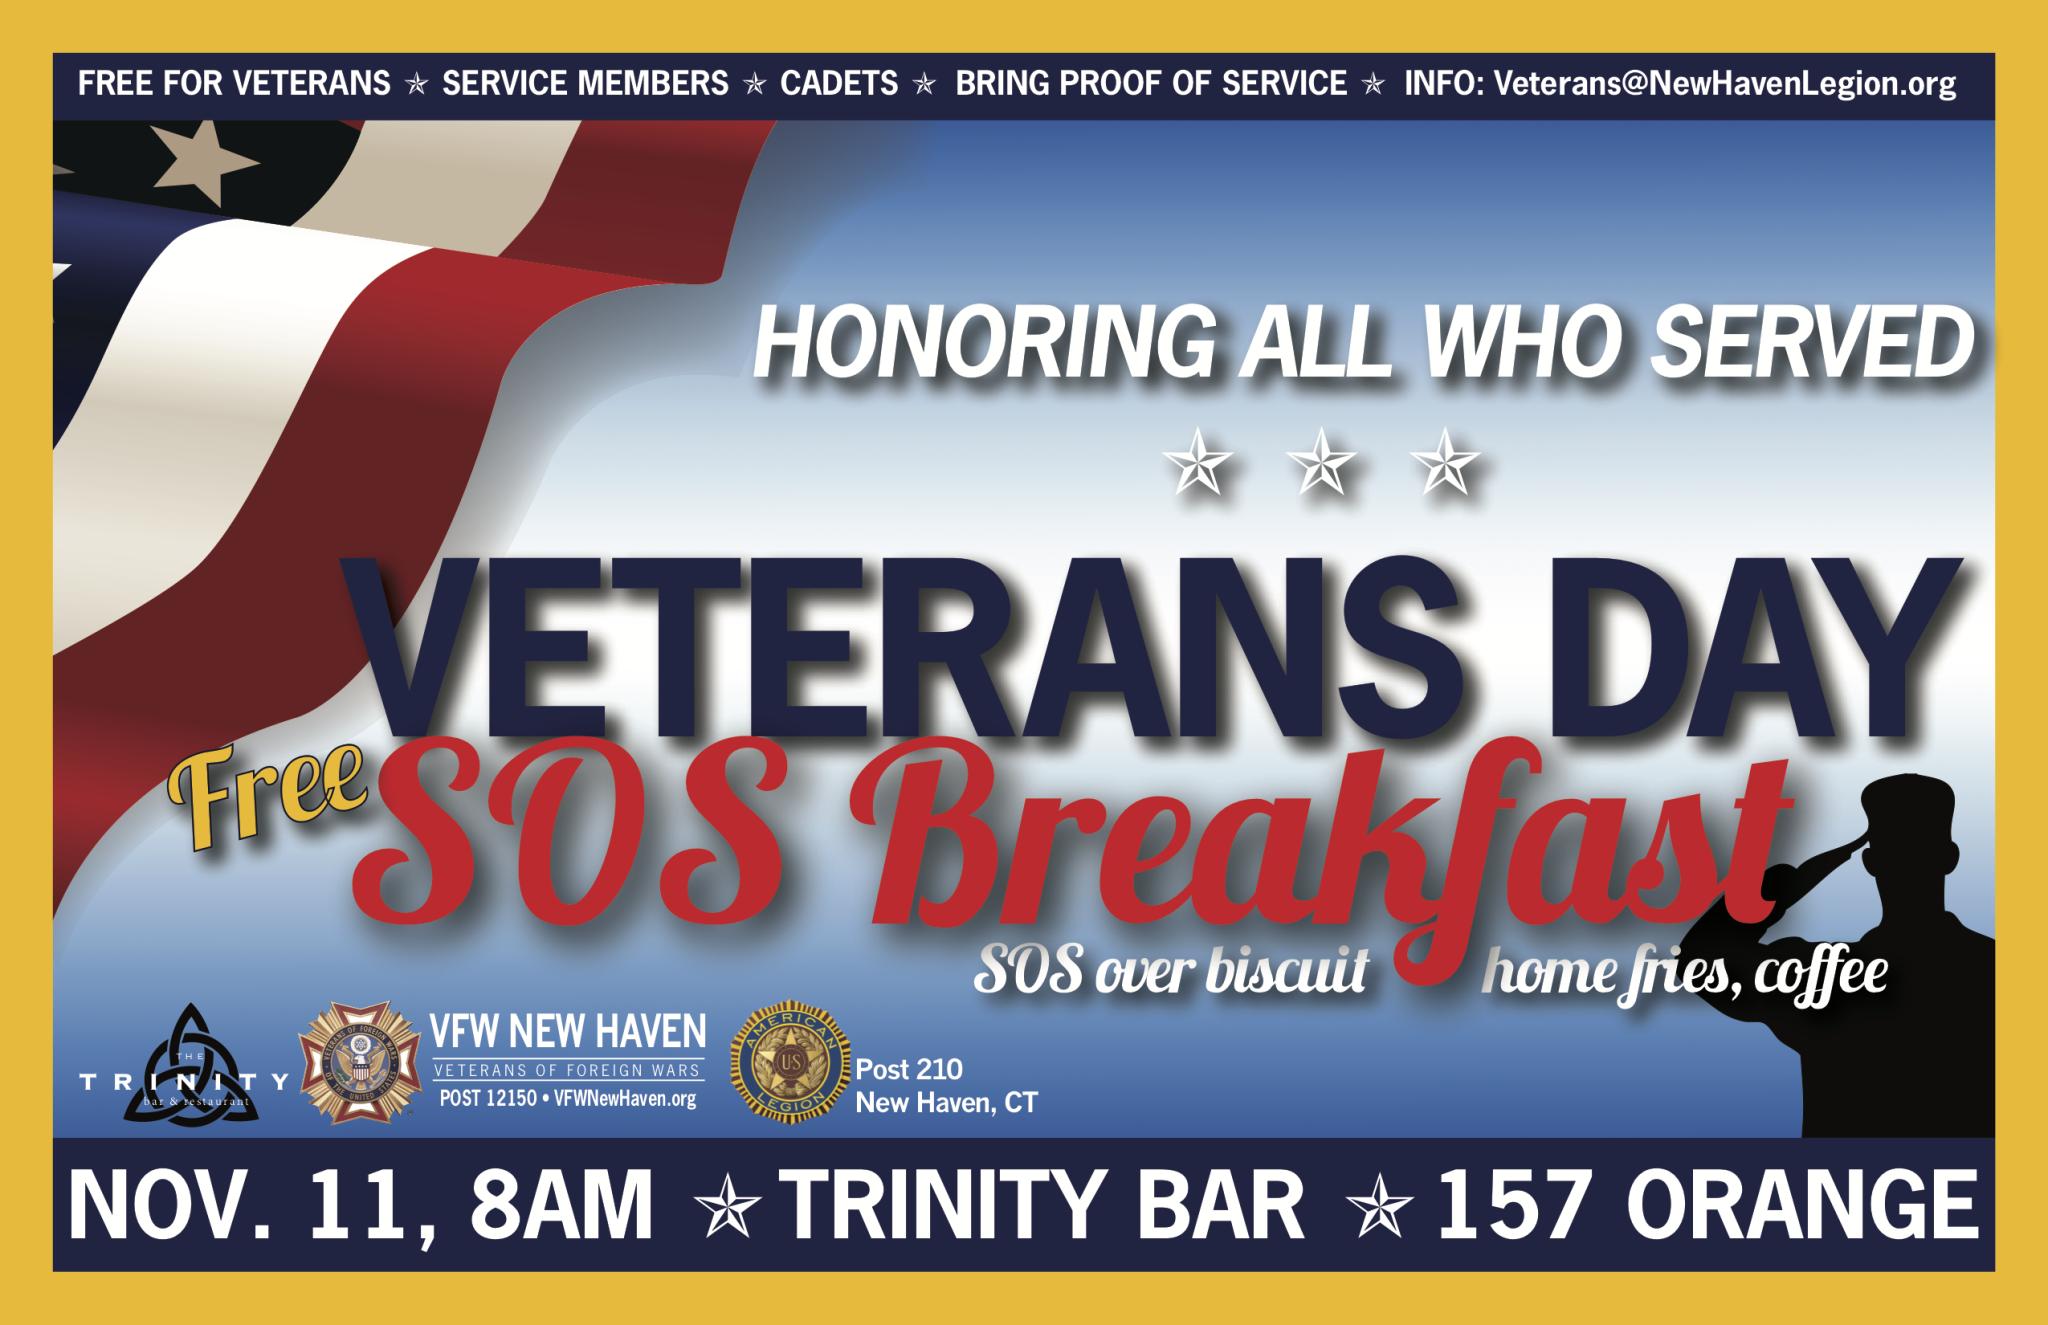 Veterans Day SOS Breakfast